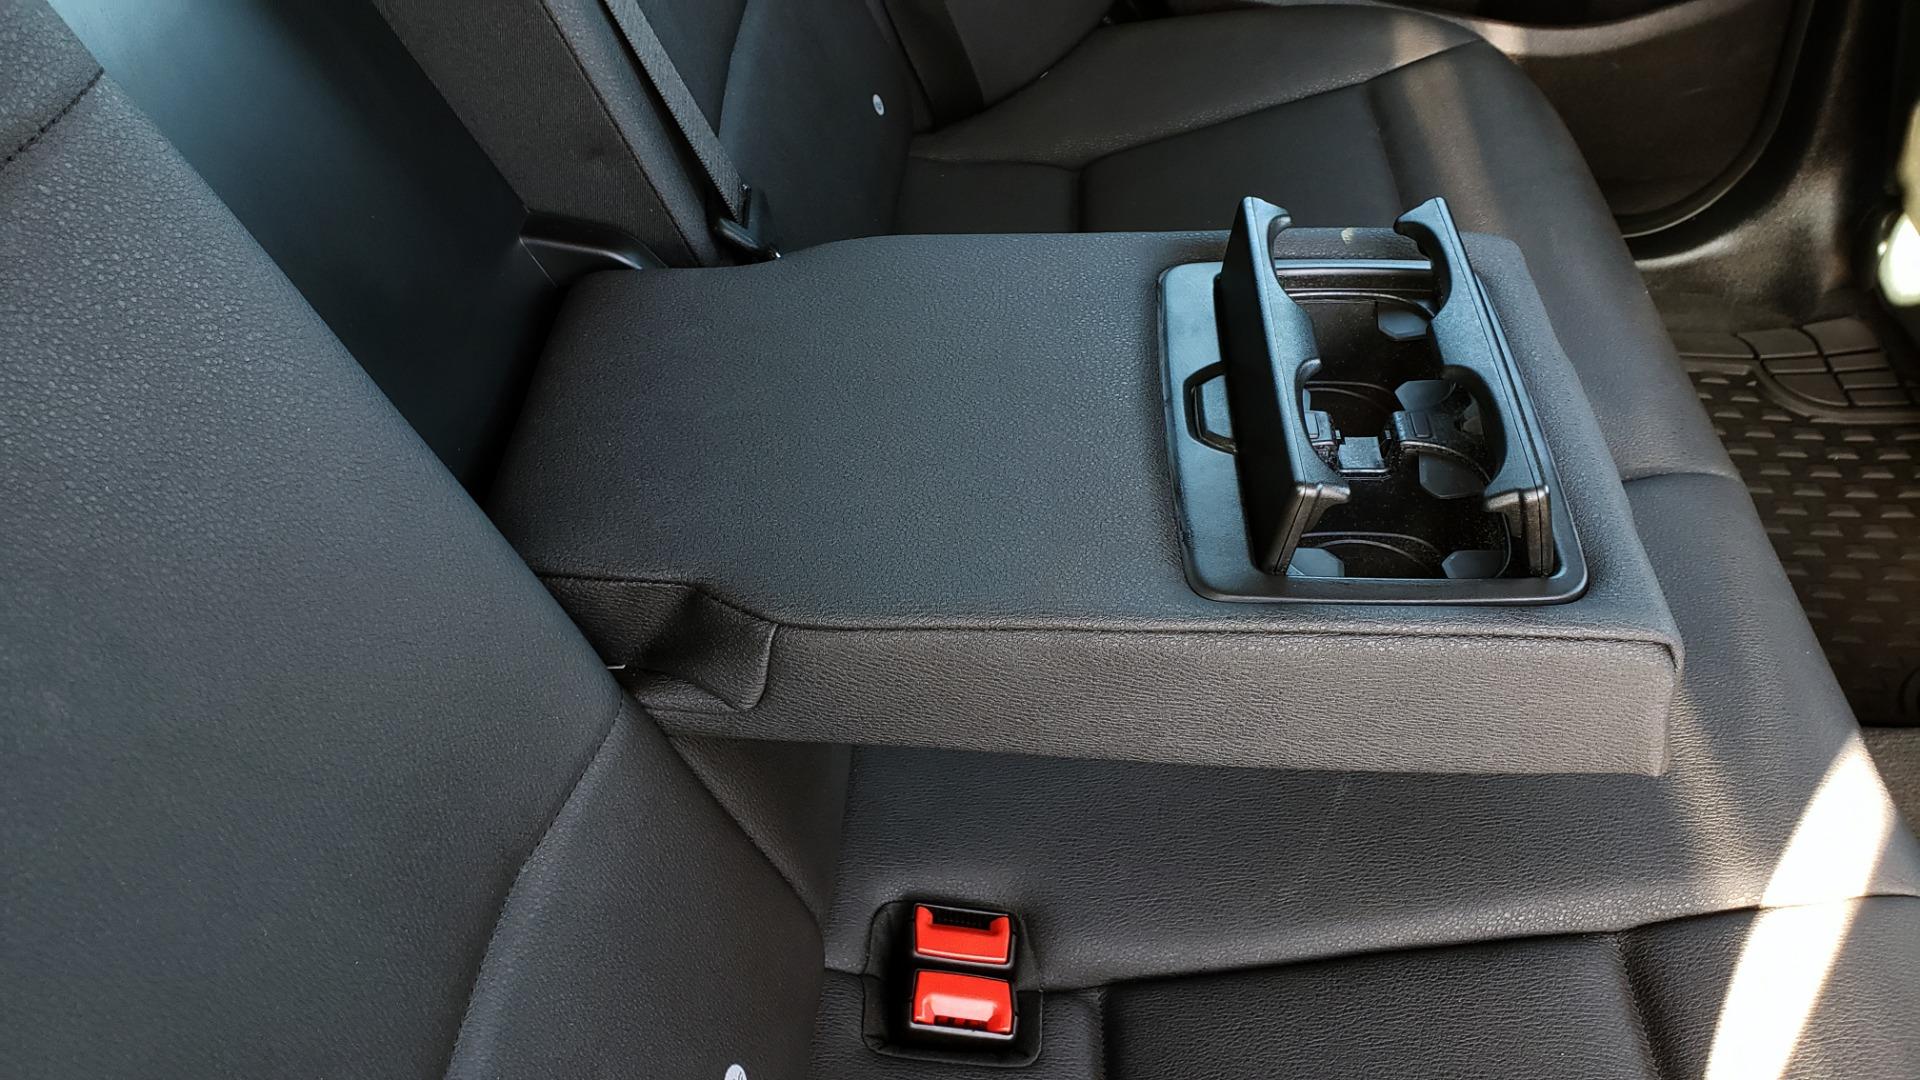 Used 2017 BMW X3 XDRIVE28I / PREM PKG / NAV / DRVR ASST / HTD STS / CAMERAS for sale Sold at Formula Imports in Charlotte NC 28227 85